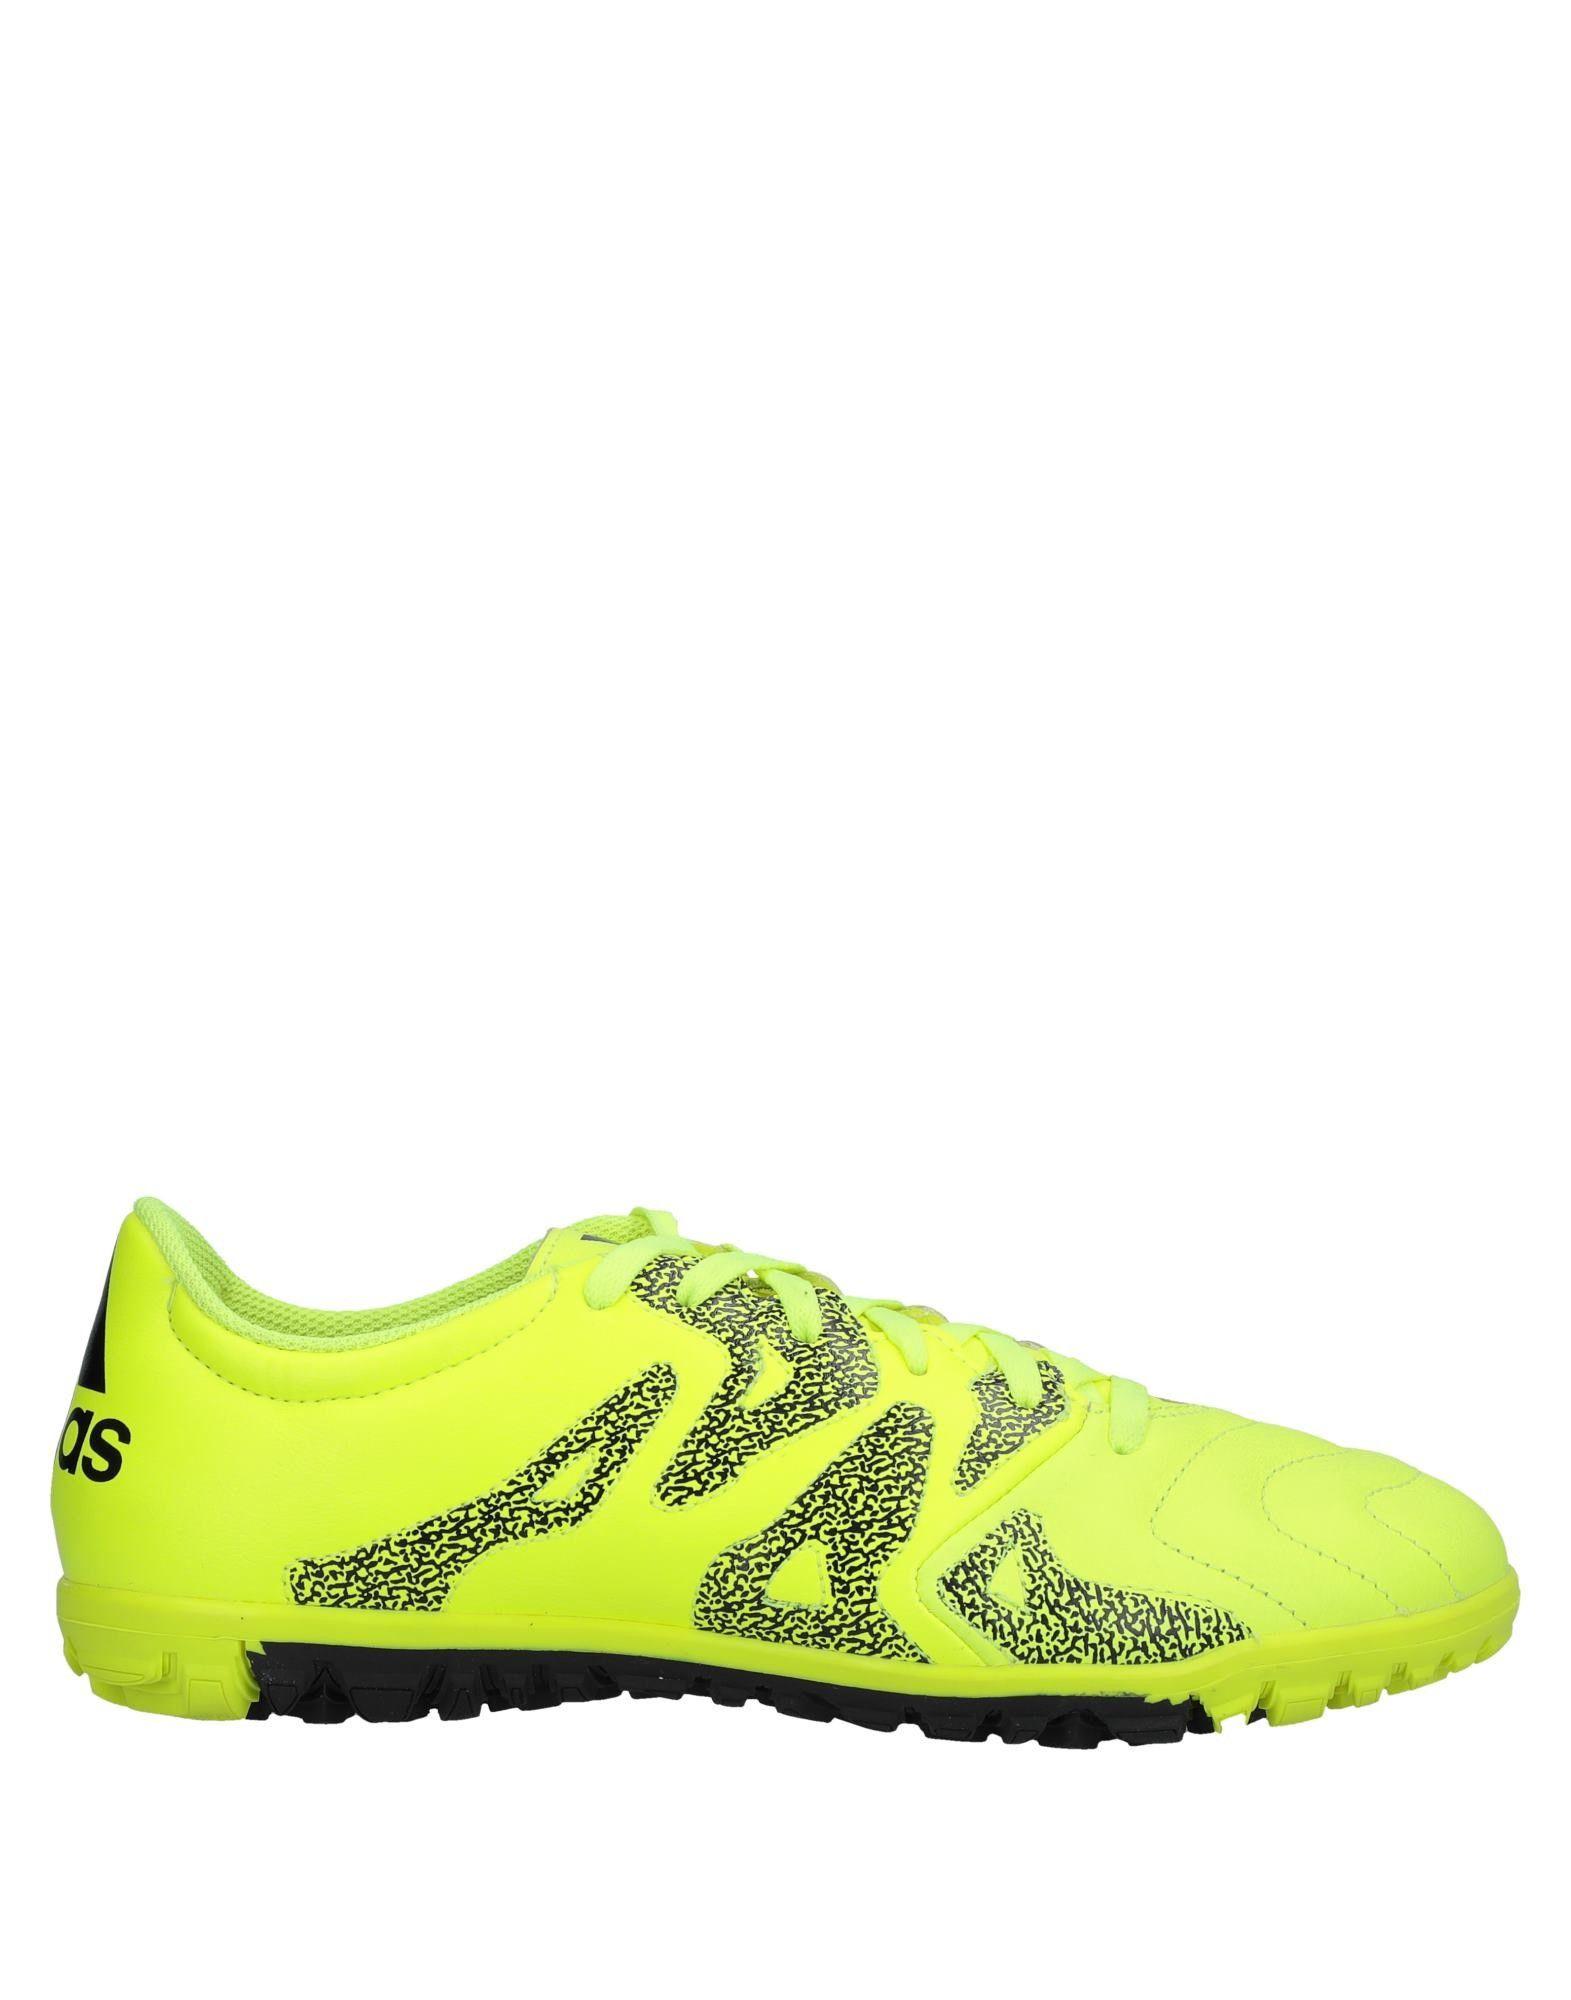 Sneakers Adidas Uomo - 11527730KK Scarpe economiche e buone